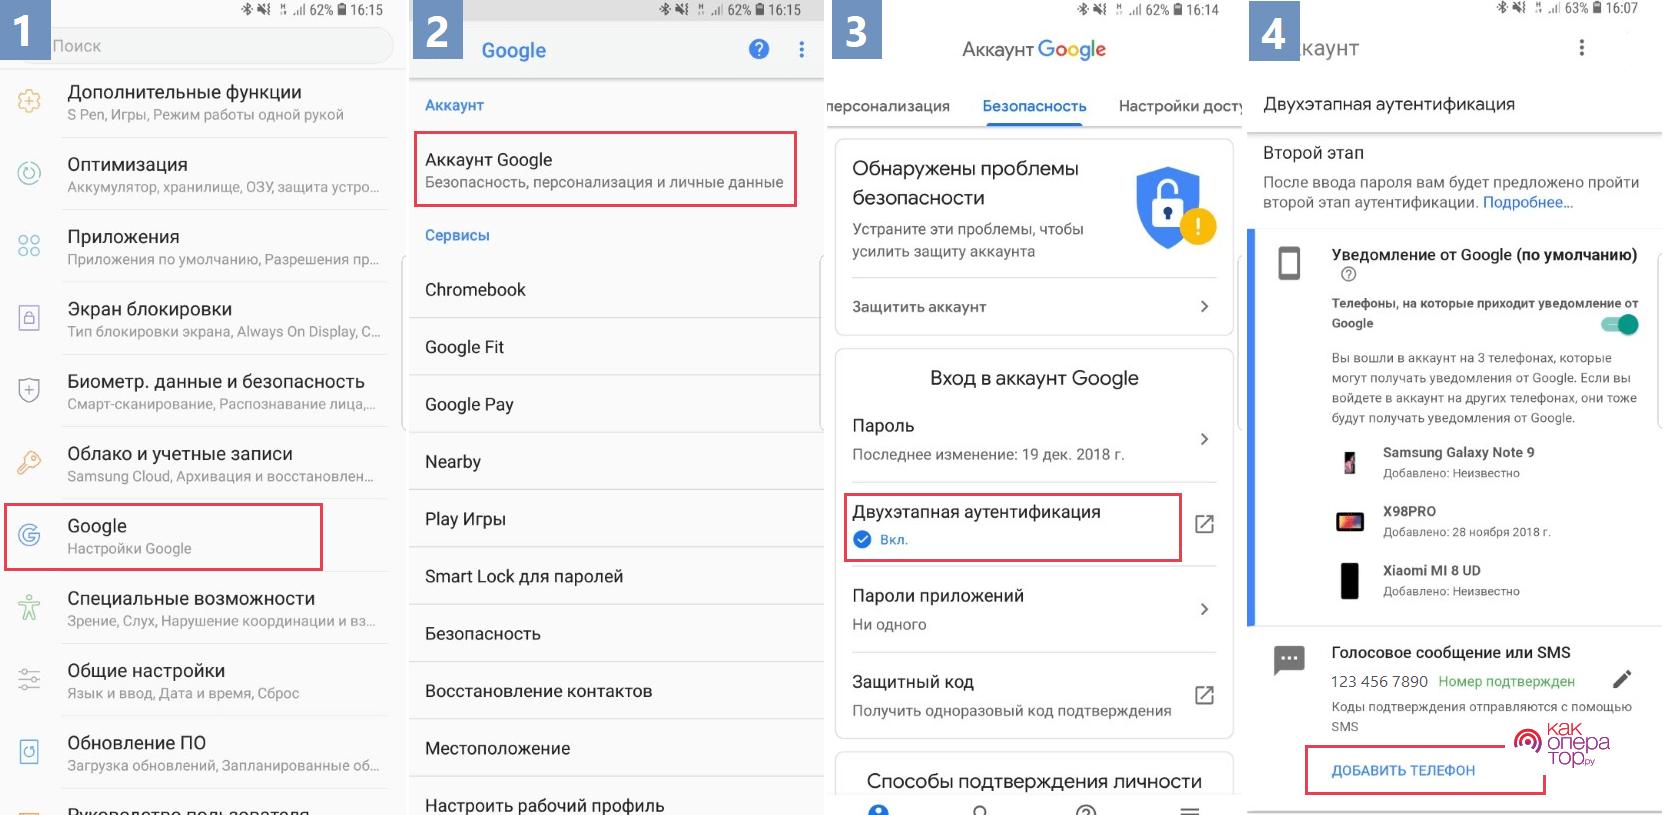 Как подтвердить личность в гугл